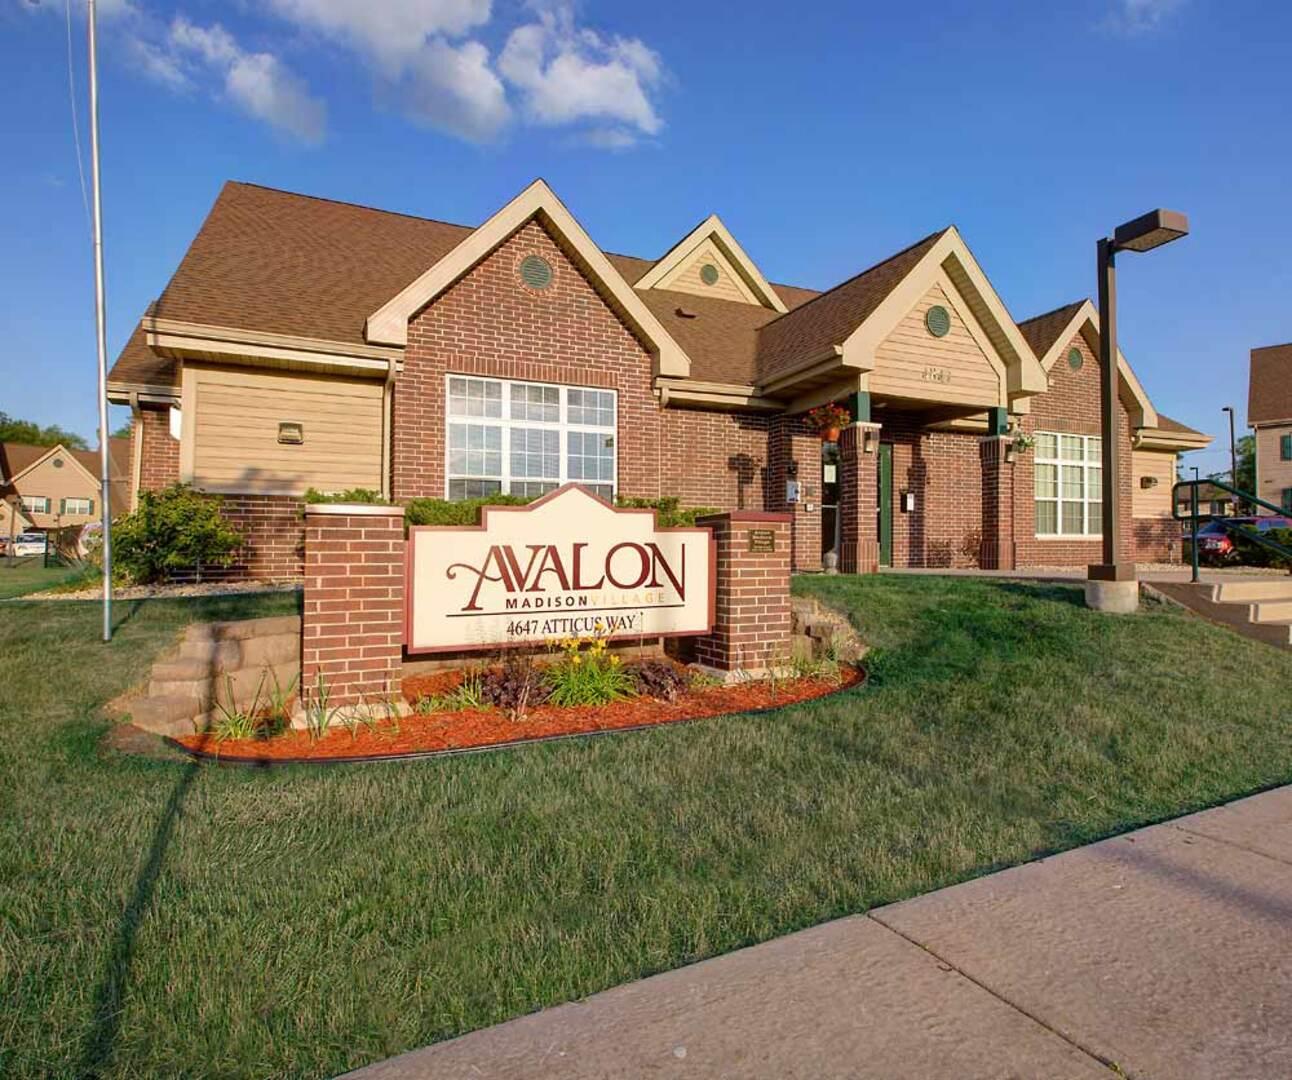 Avalon Apartments: Avalon Madison Village Photo Gallery